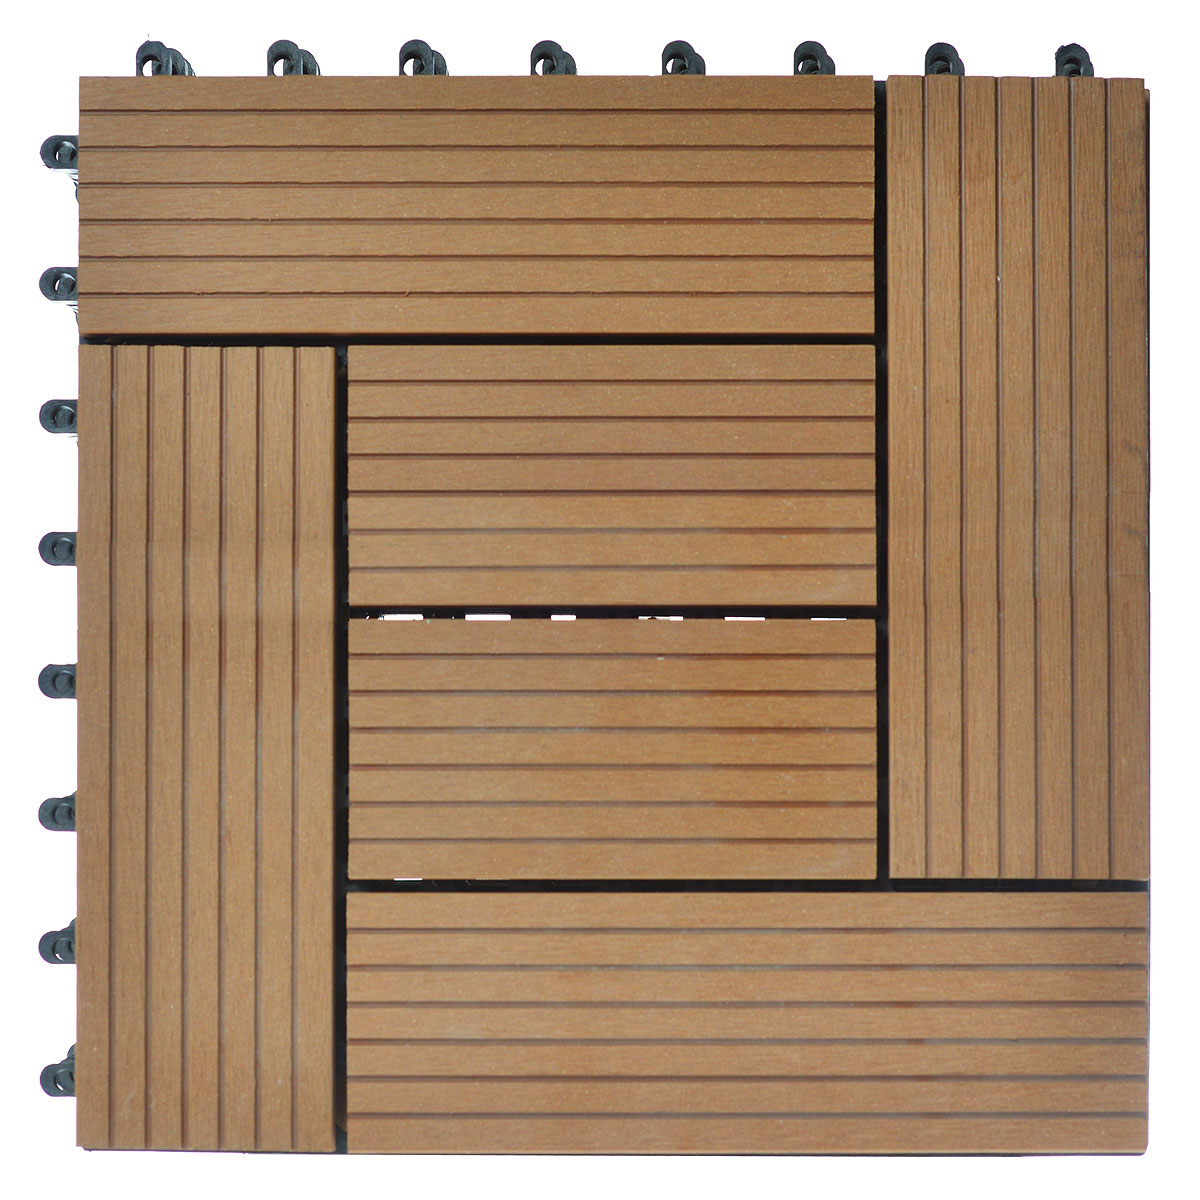 Покрытие Konex Декинг, цвет: бук, 30 х 30, 6 шт. ПД-Б6ПД-Б6Покрытие Konex Декинг состоит из 6 секций, изготовленных из высококачественного дерева, основа выполнена из полипропилена.Покрытие предназначено для создания дополнительного (отделочного) слоя пола в различных помещениях бытового и хозяйственного назначения (коридоры, веранды, сауны и бани, ванные комнаты, балконы), а также длябыстрого обустройства открытых площадок и дорожек (спортивные и детские площадки, зоны отдыха, садовые дорожки, террасы, палубы, причалы, бассейны) на подготовленных площадях. Размер секции: 30 см х 30 см х 3 см. Количество секций: 6 шт.